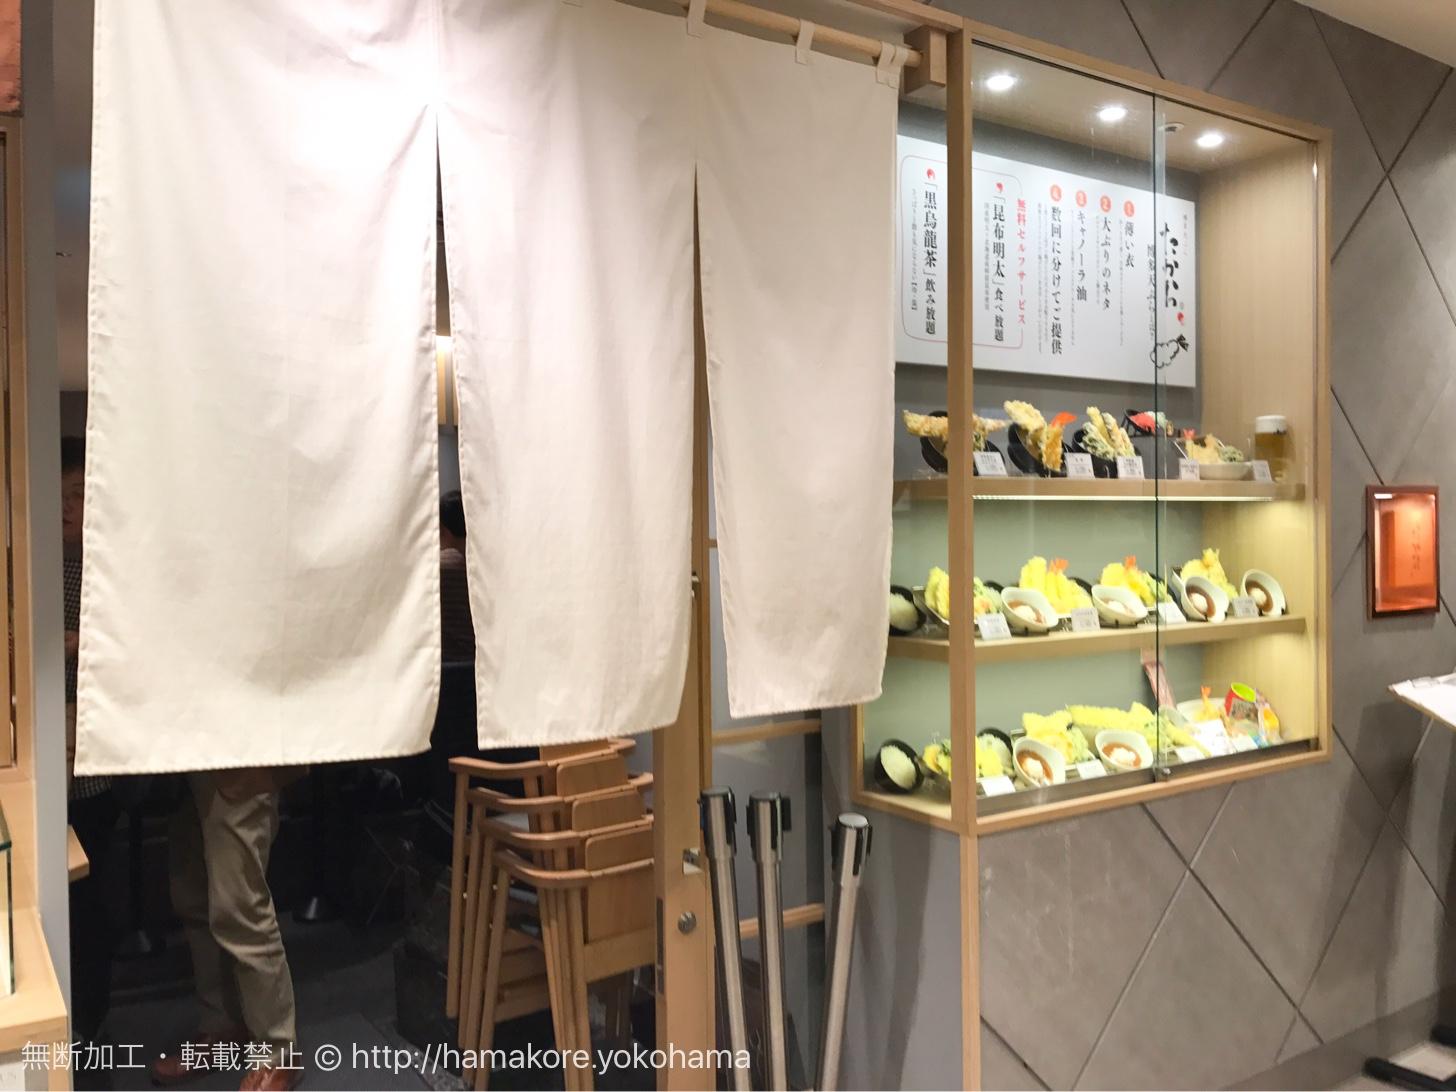 博多天ぷら「たかお」ジョイナス横浜店 外観